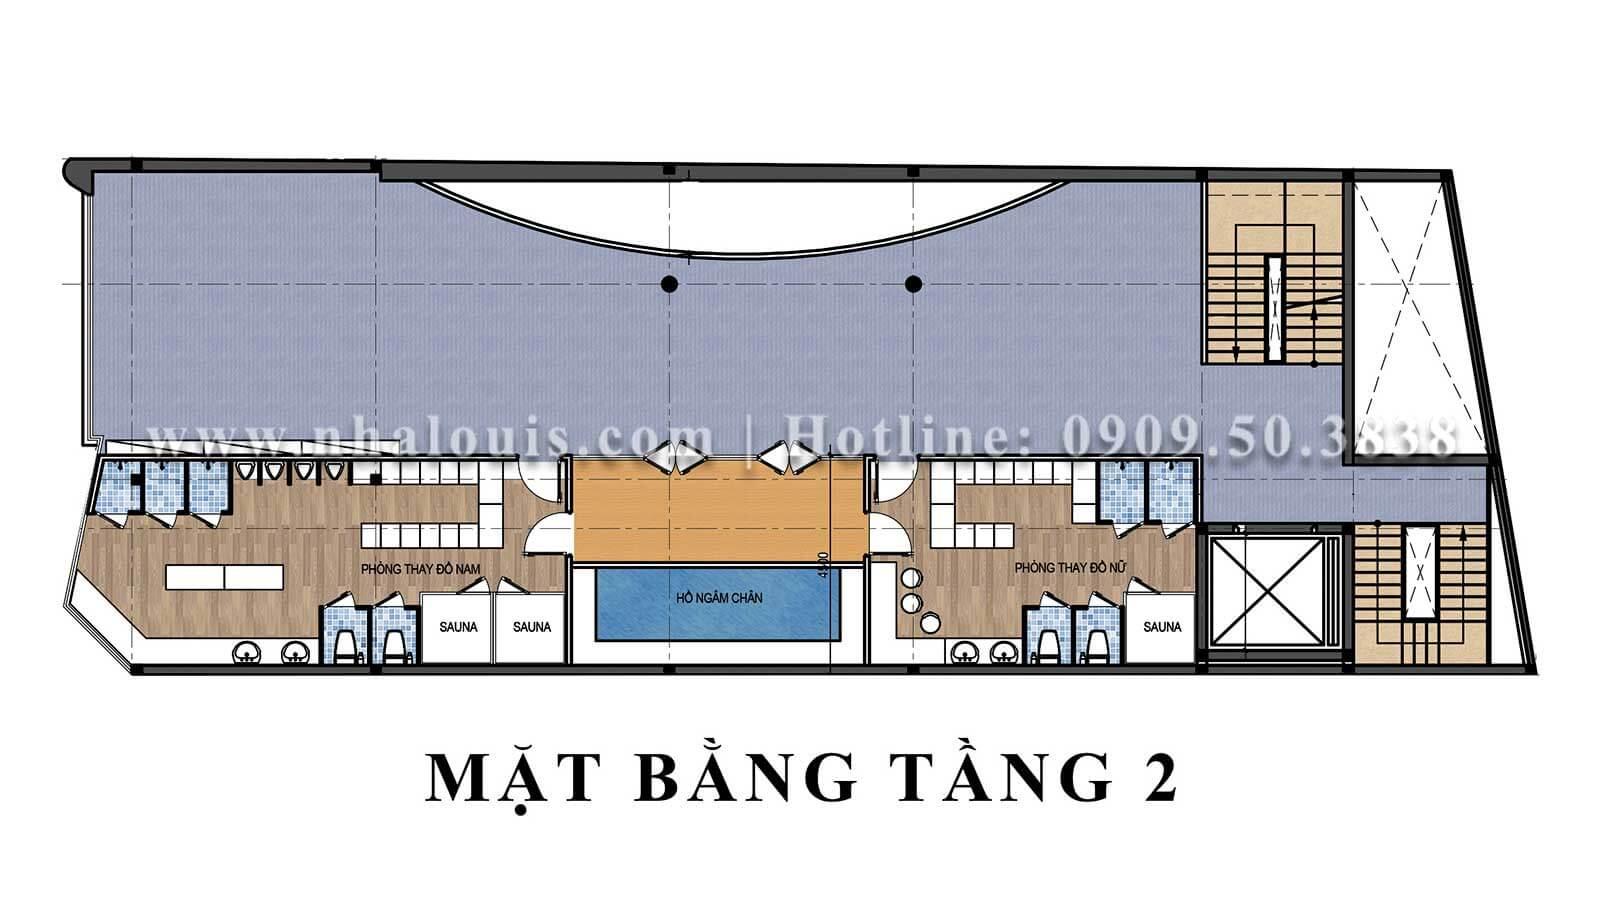 Mặt bằng tầng 2 Mẫu thiết kế phòng gym chuẩn hiện đại tại Quận 9 - 07